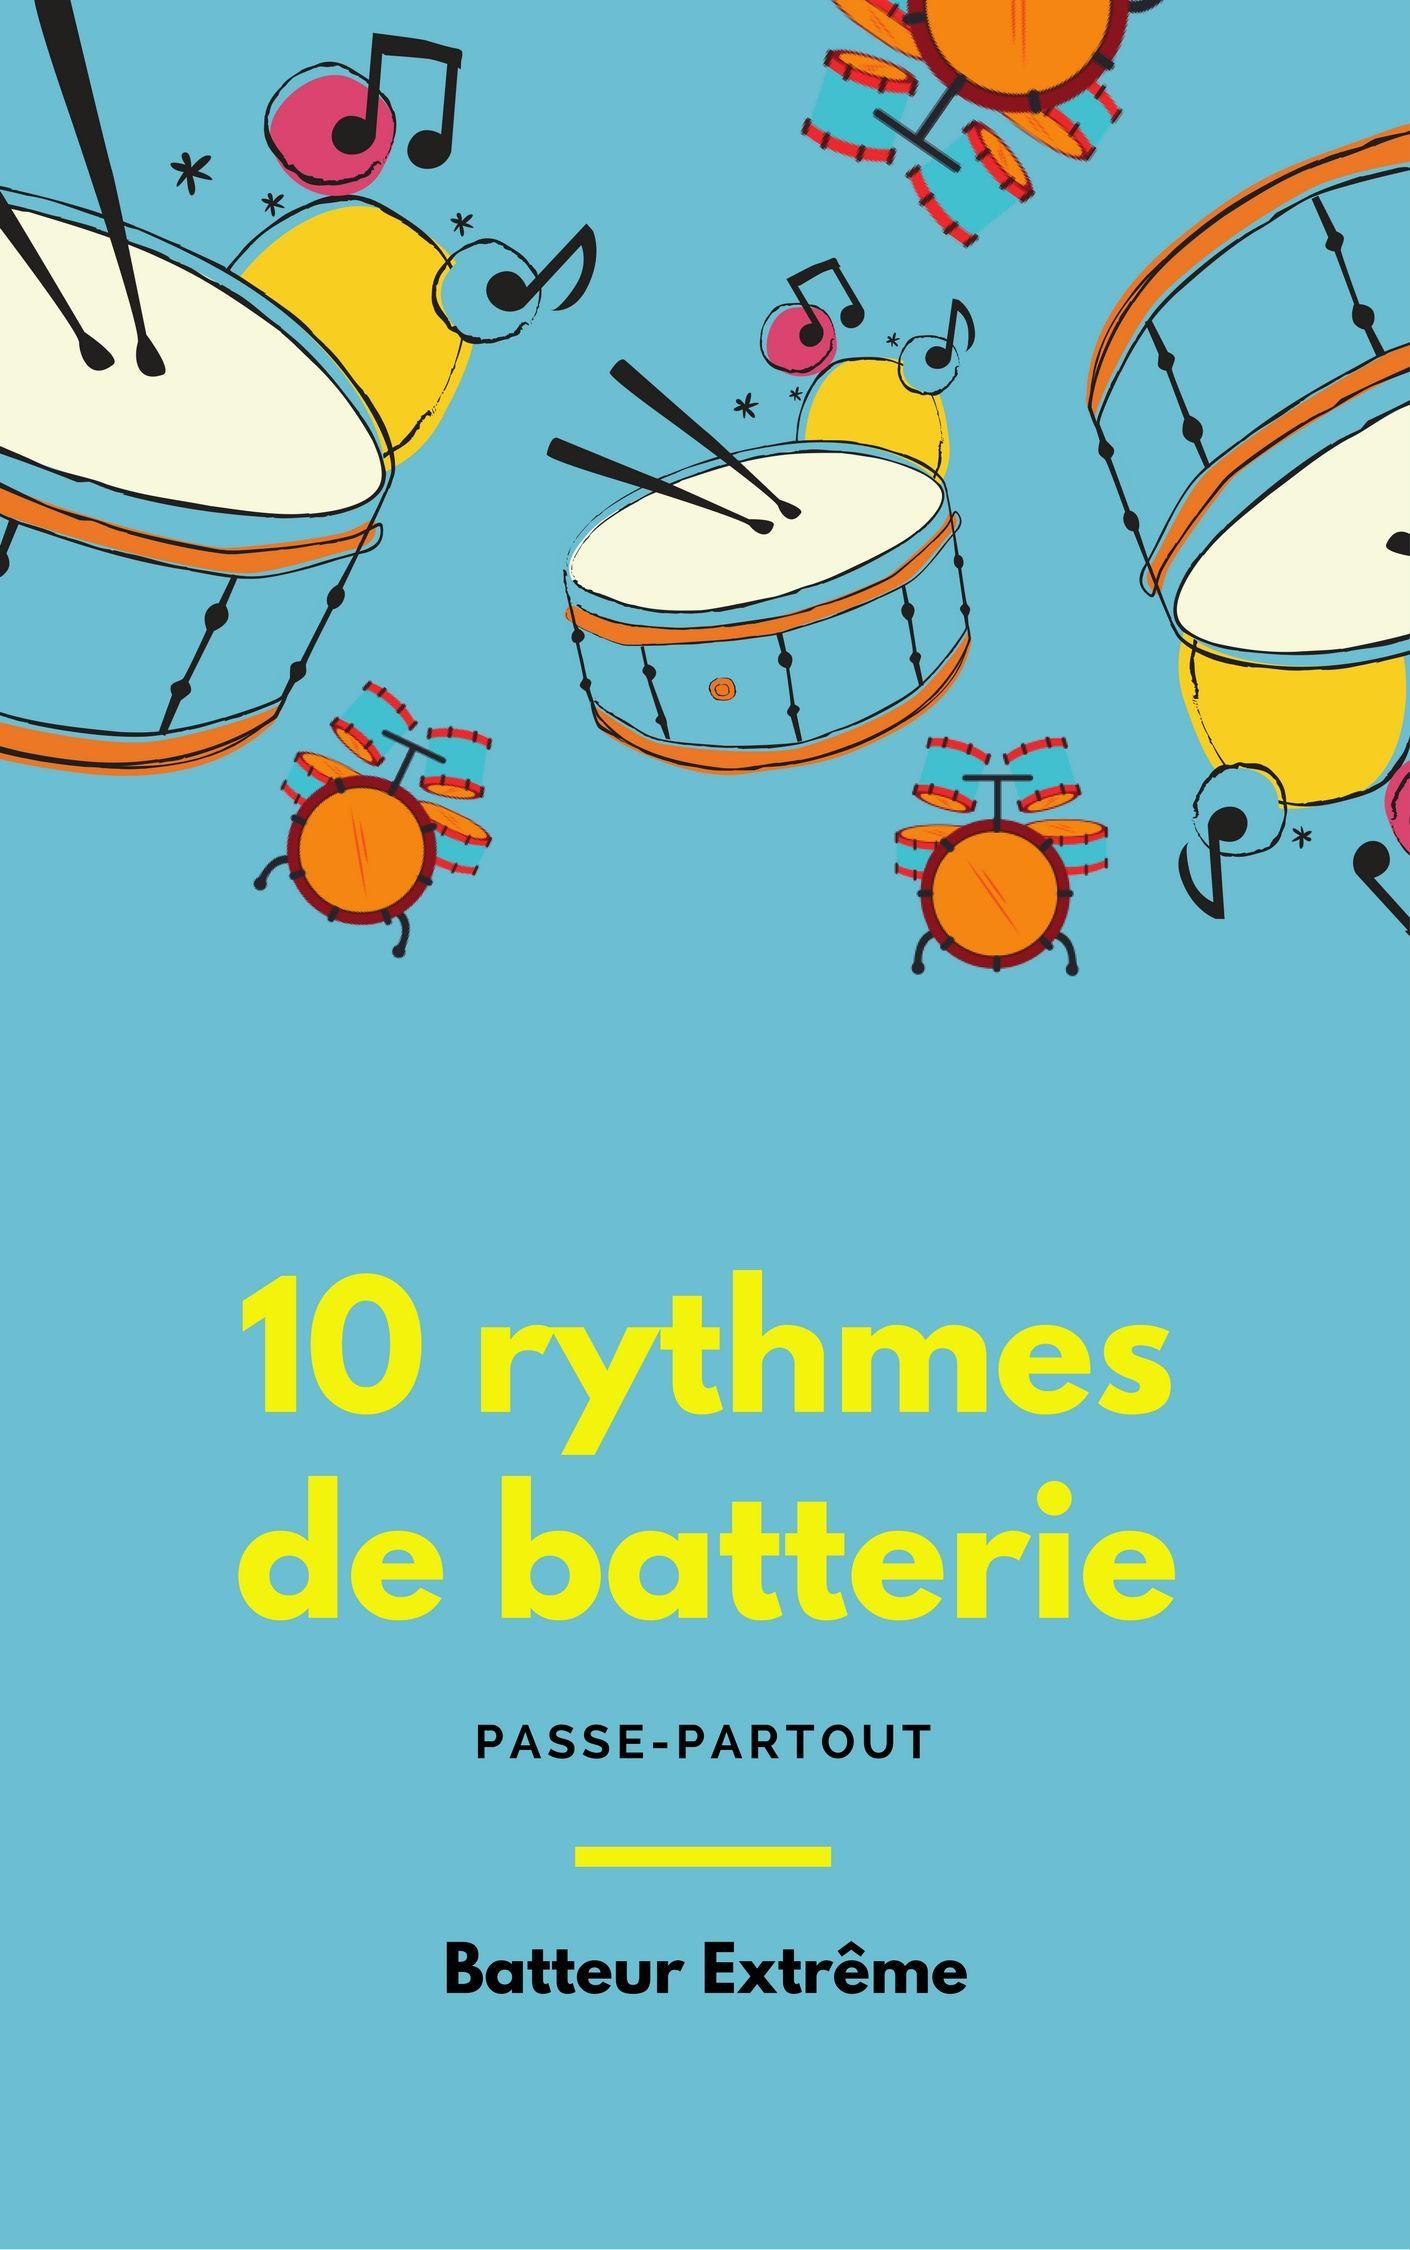 10-rythmes-de-batterie-passe-partout-batteur-extrême